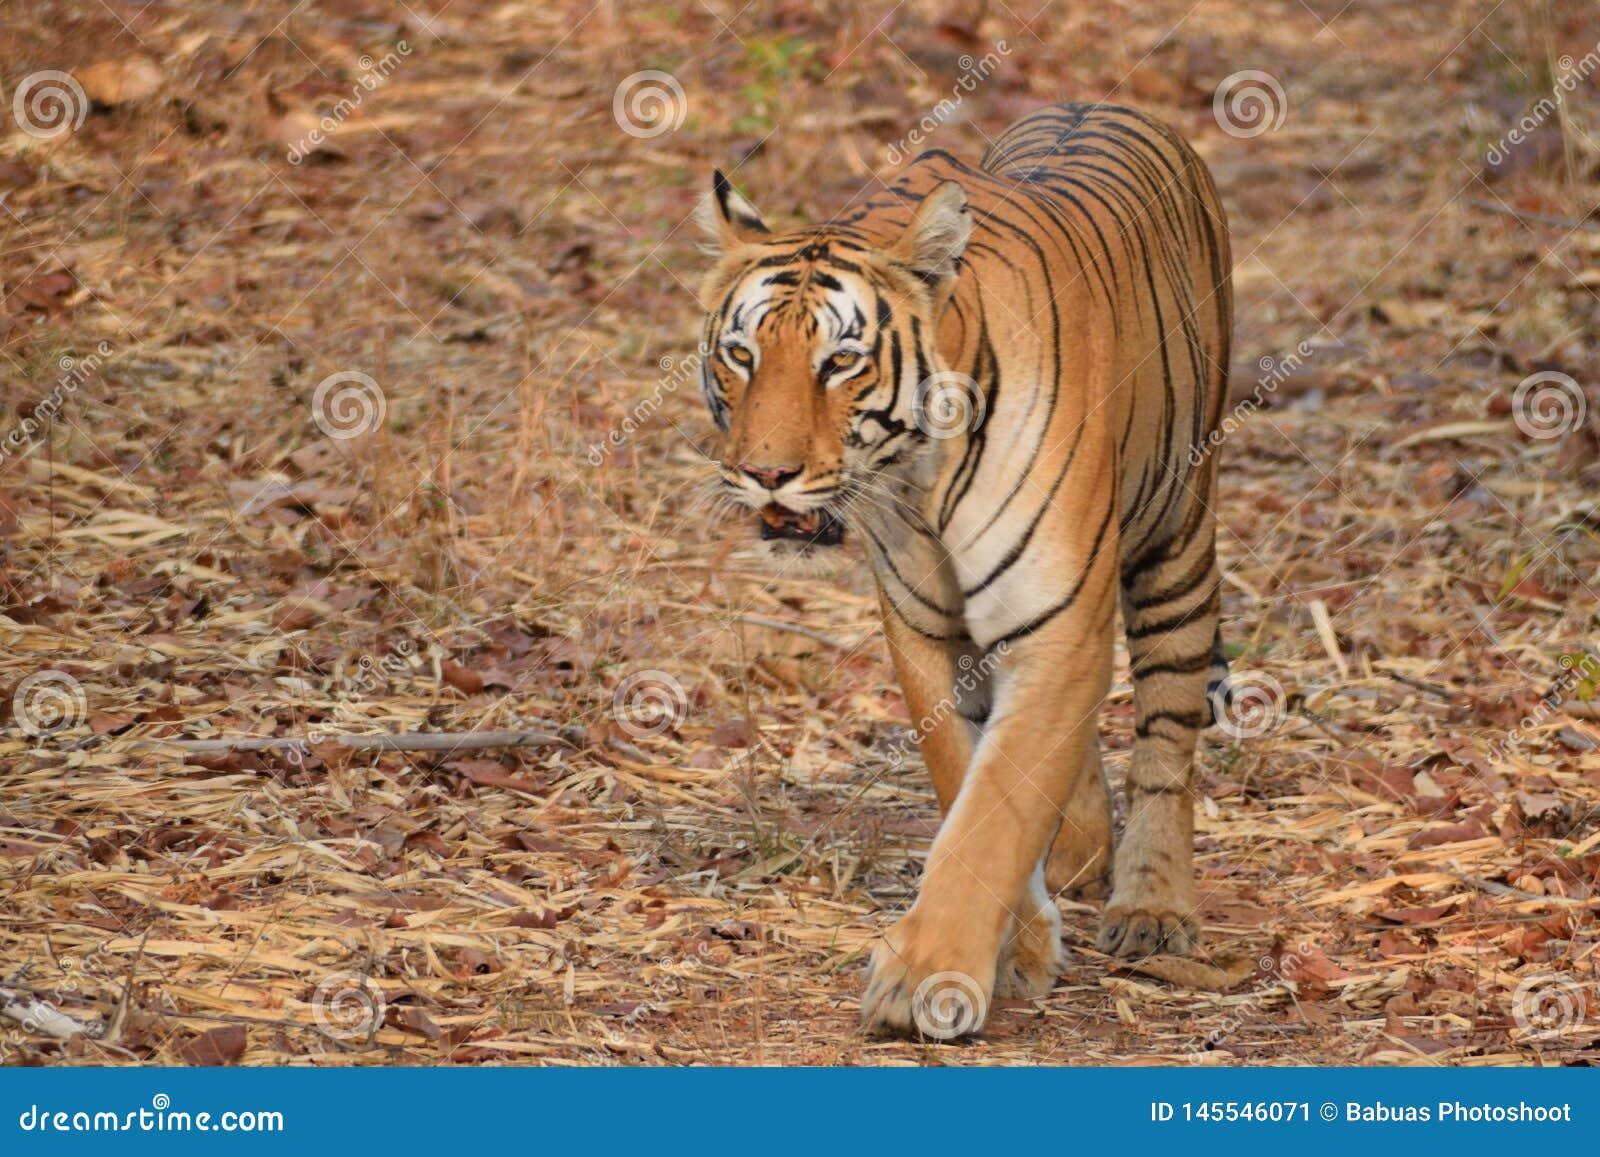 Cat walking Royal Bengal Tiger at Tadoba tiger reserve, India